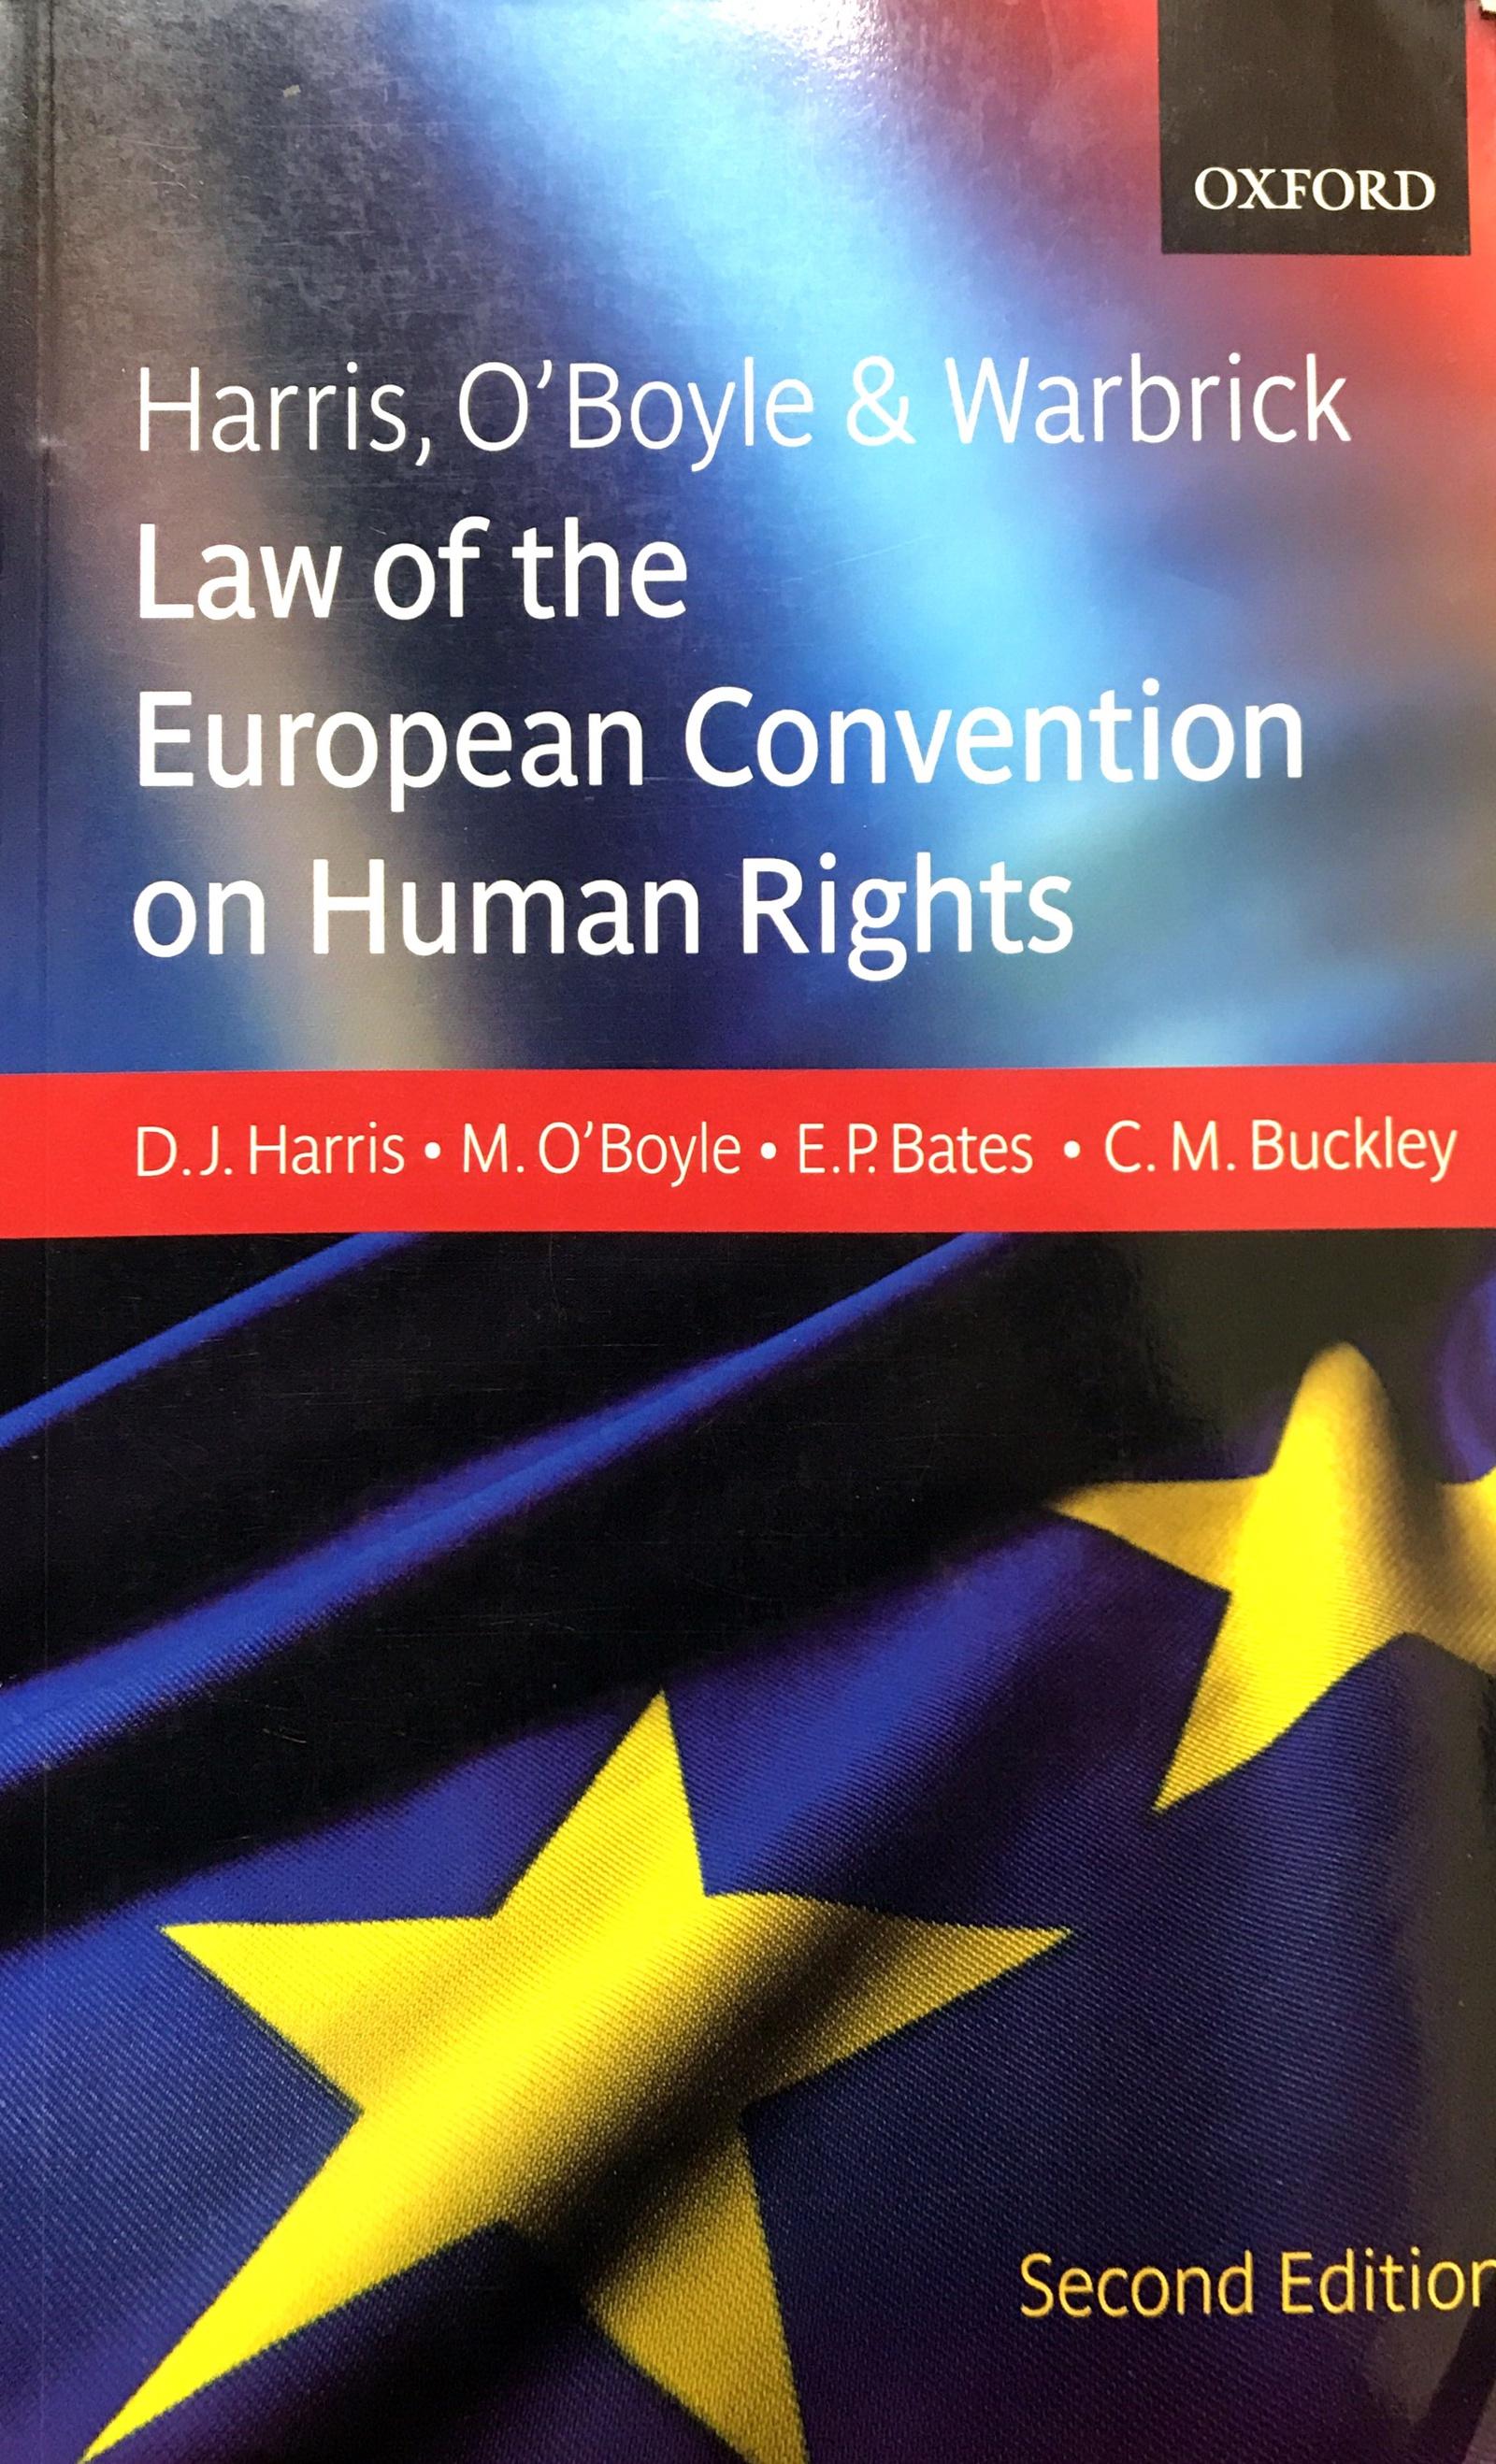 Harris, D.J. Юридические основы Европейской Конвенции по Правам Человека